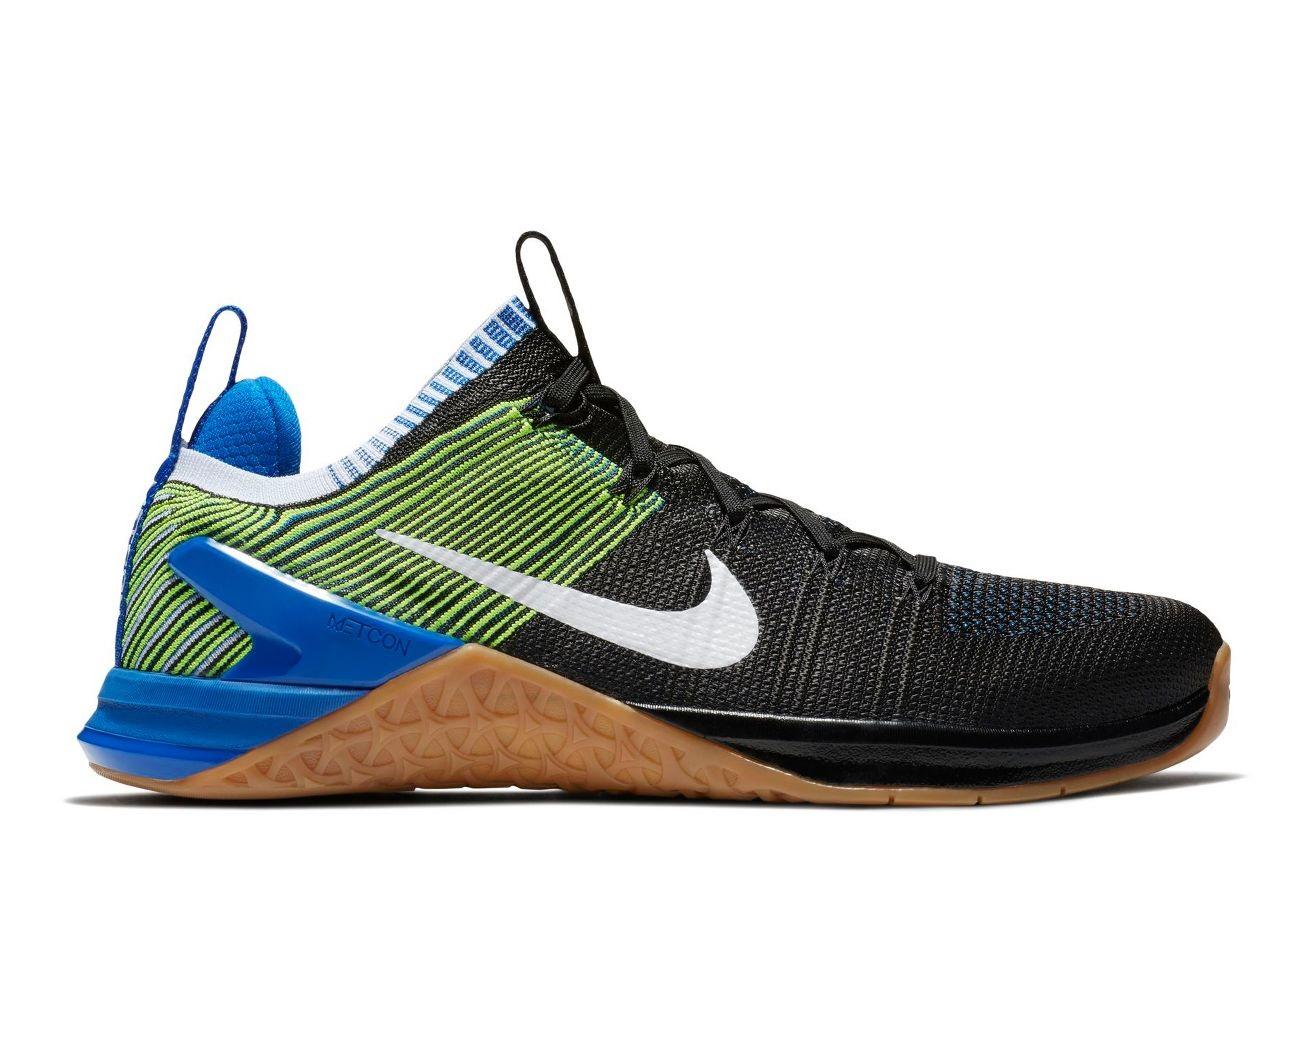 f5546d3b122 nike crossfit shoes